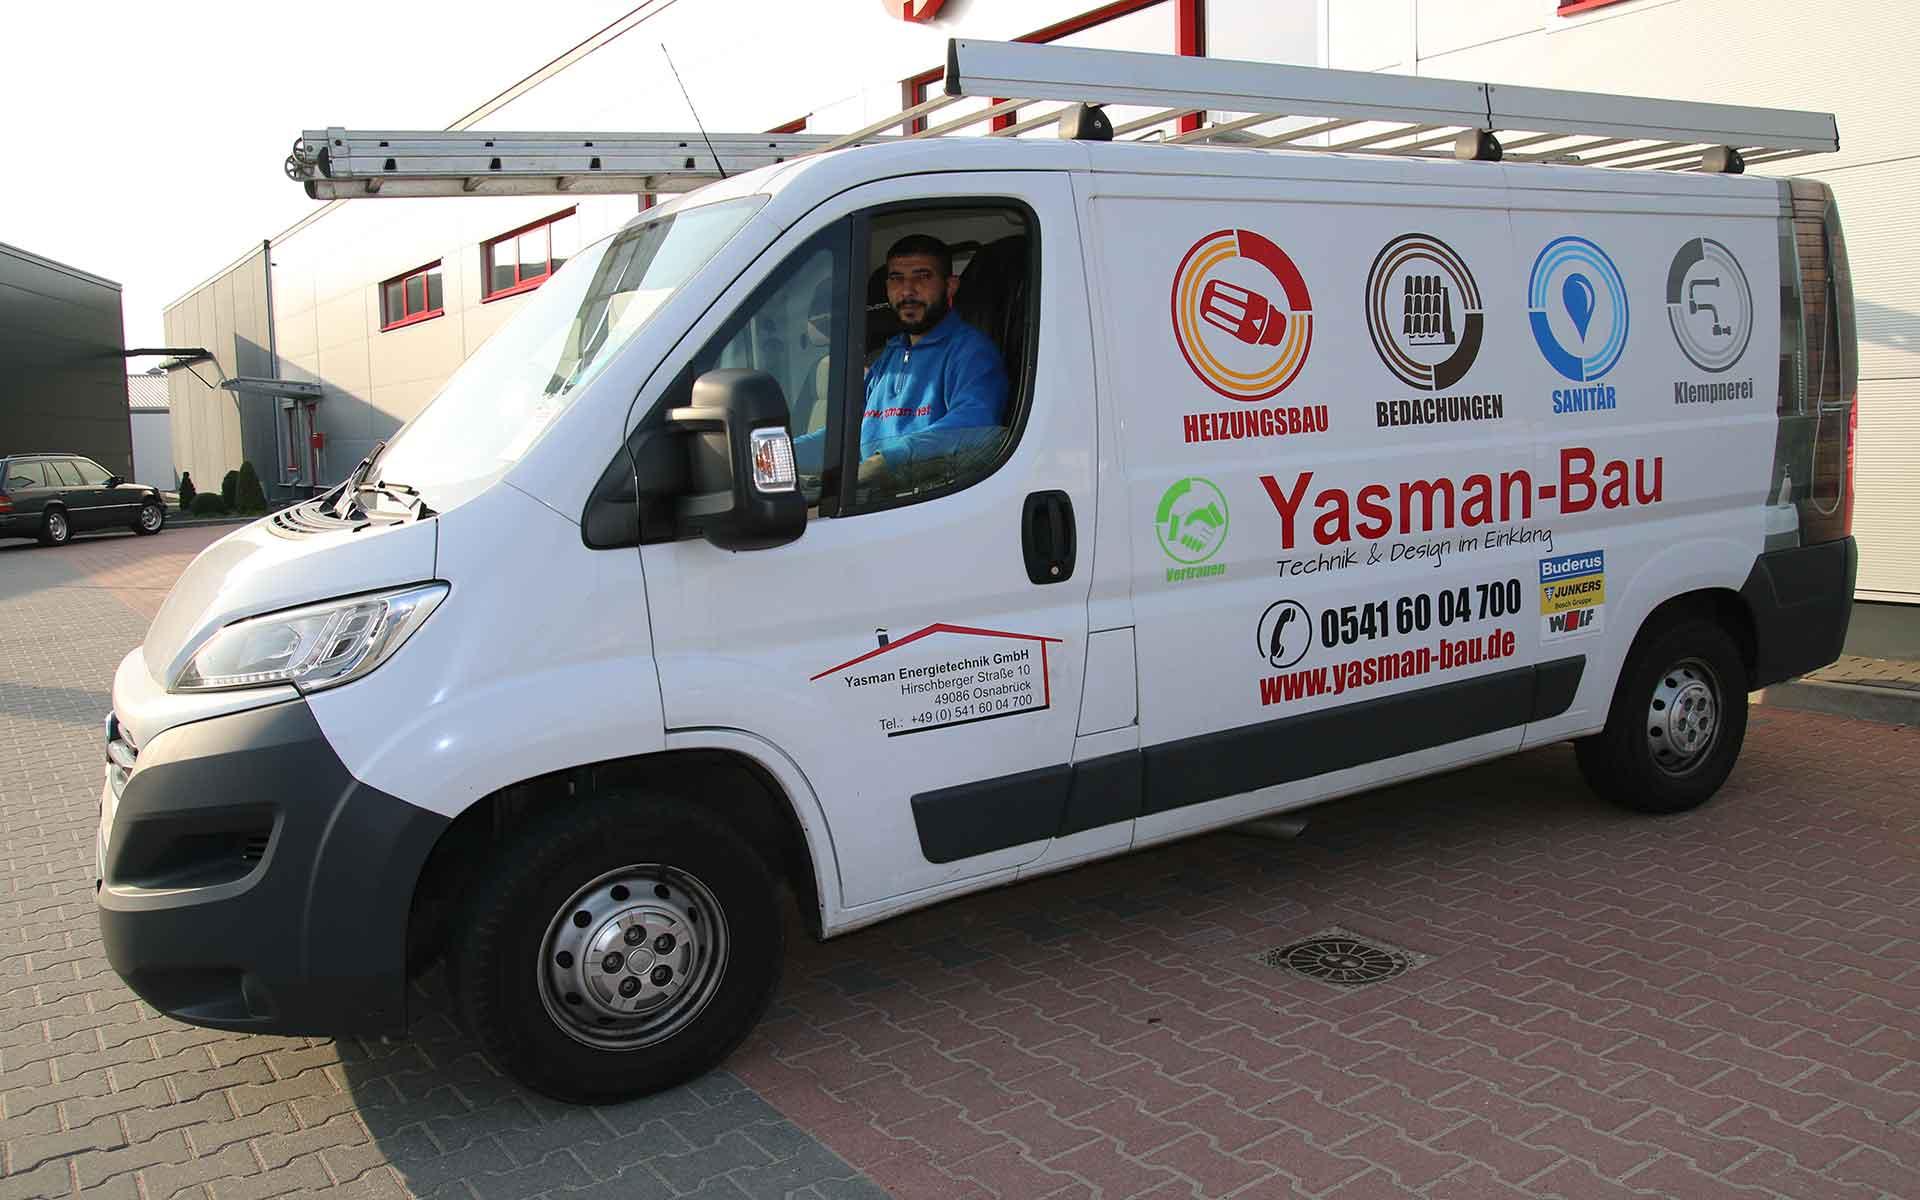 Yasman Bau Mobil